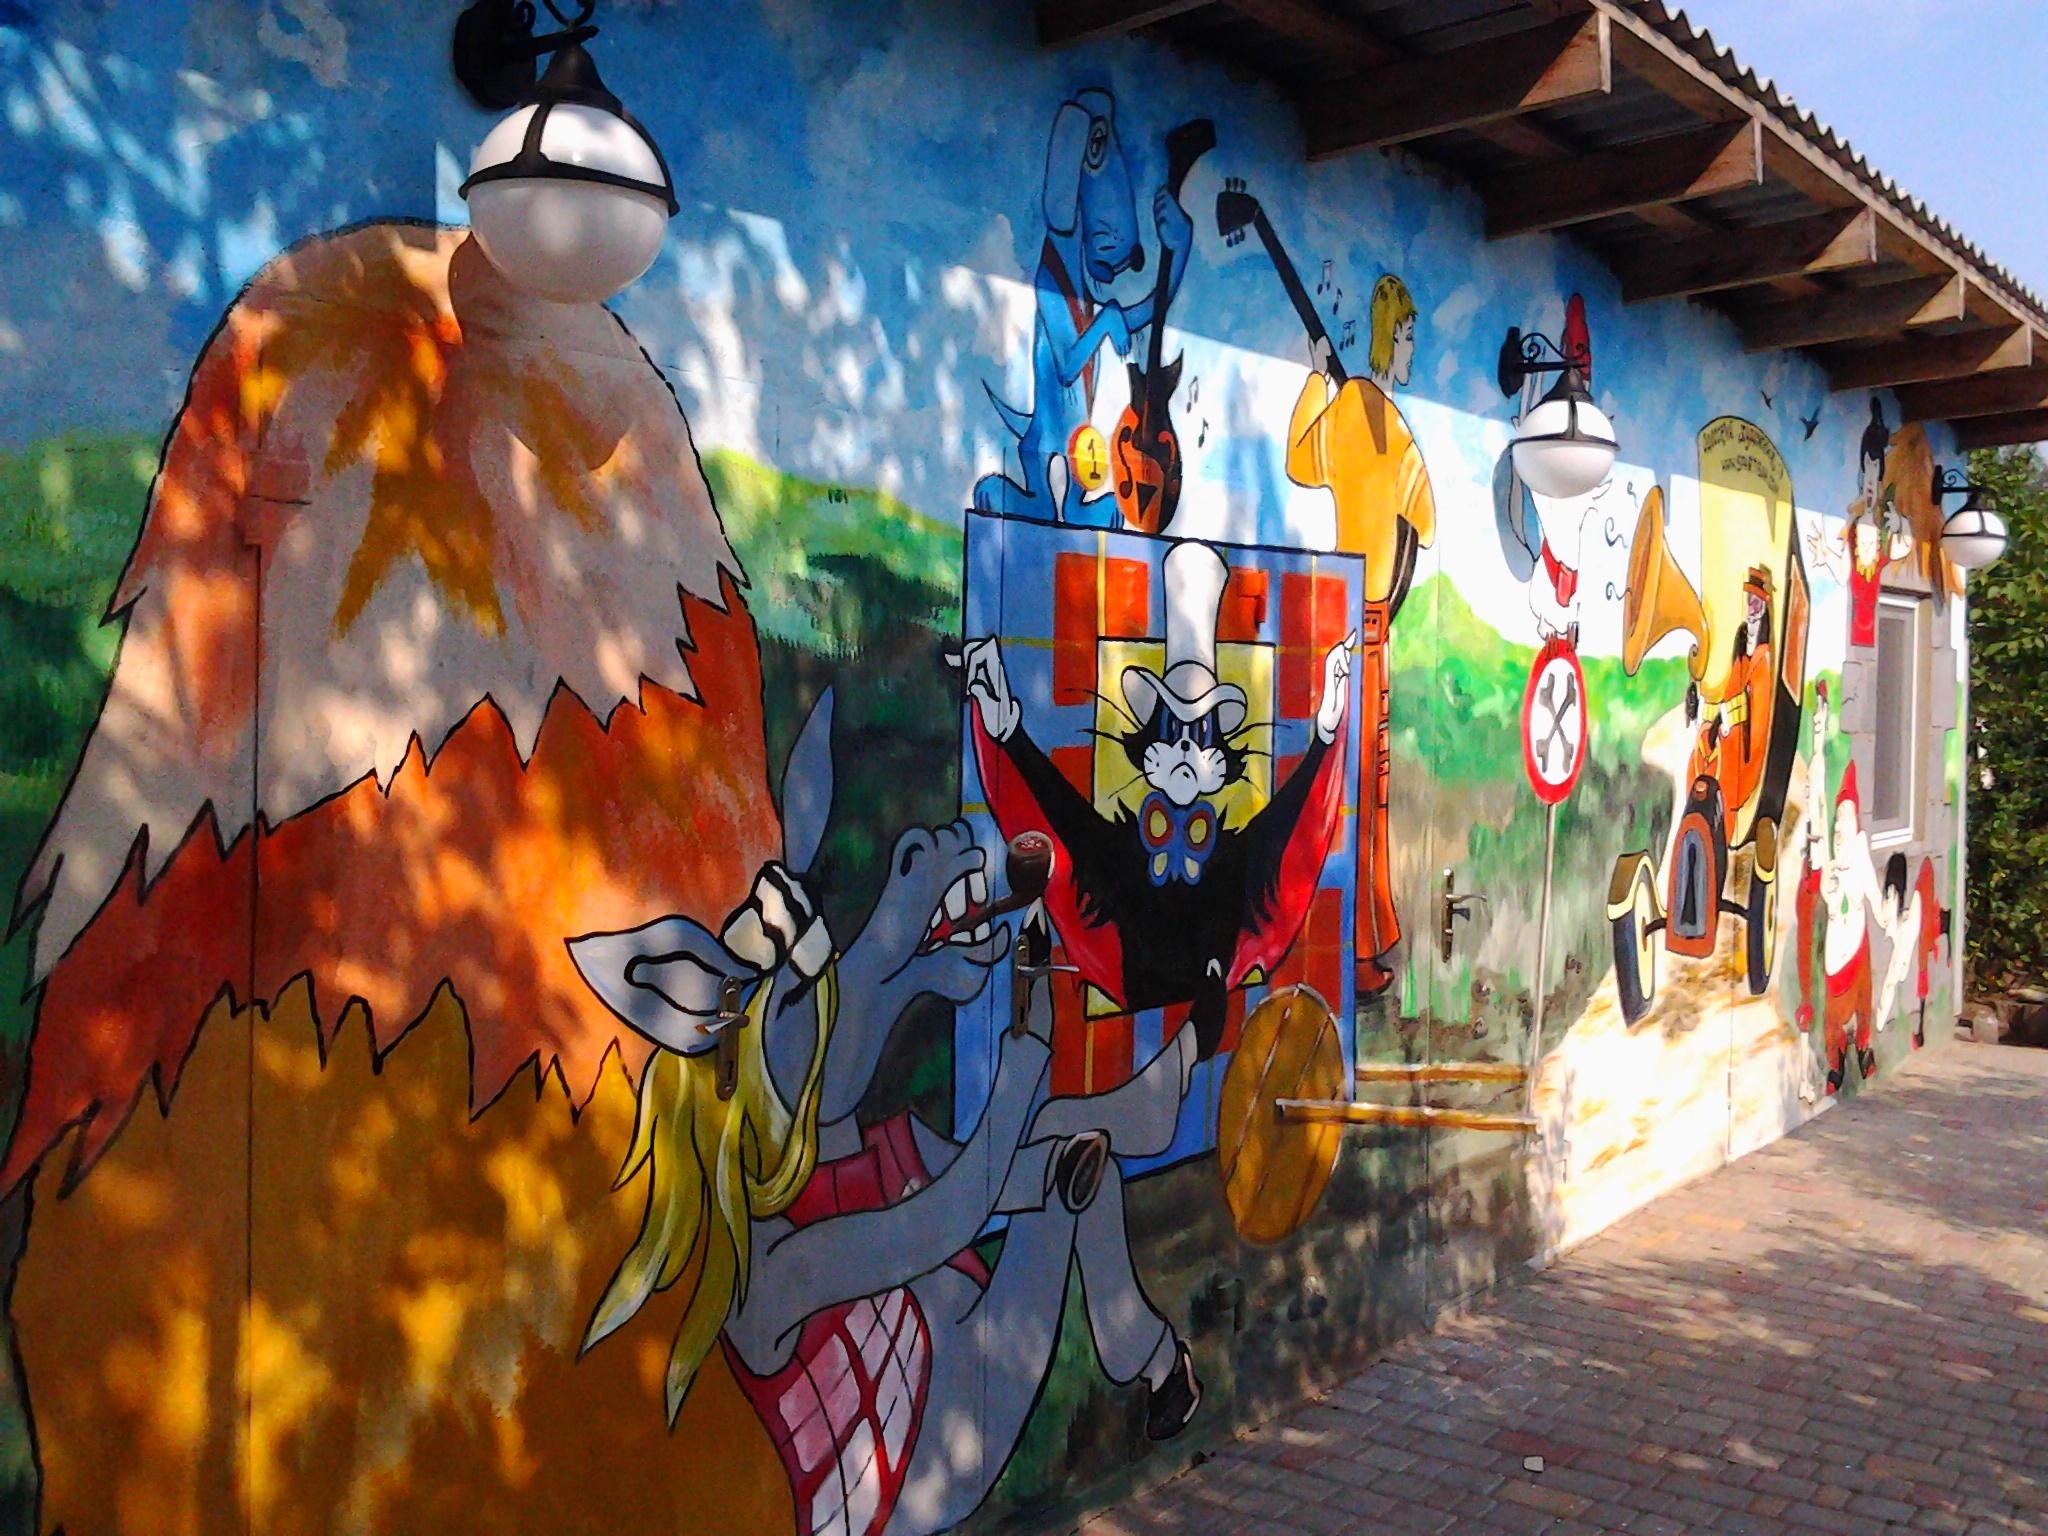 нарисованные кистью на стене мультики